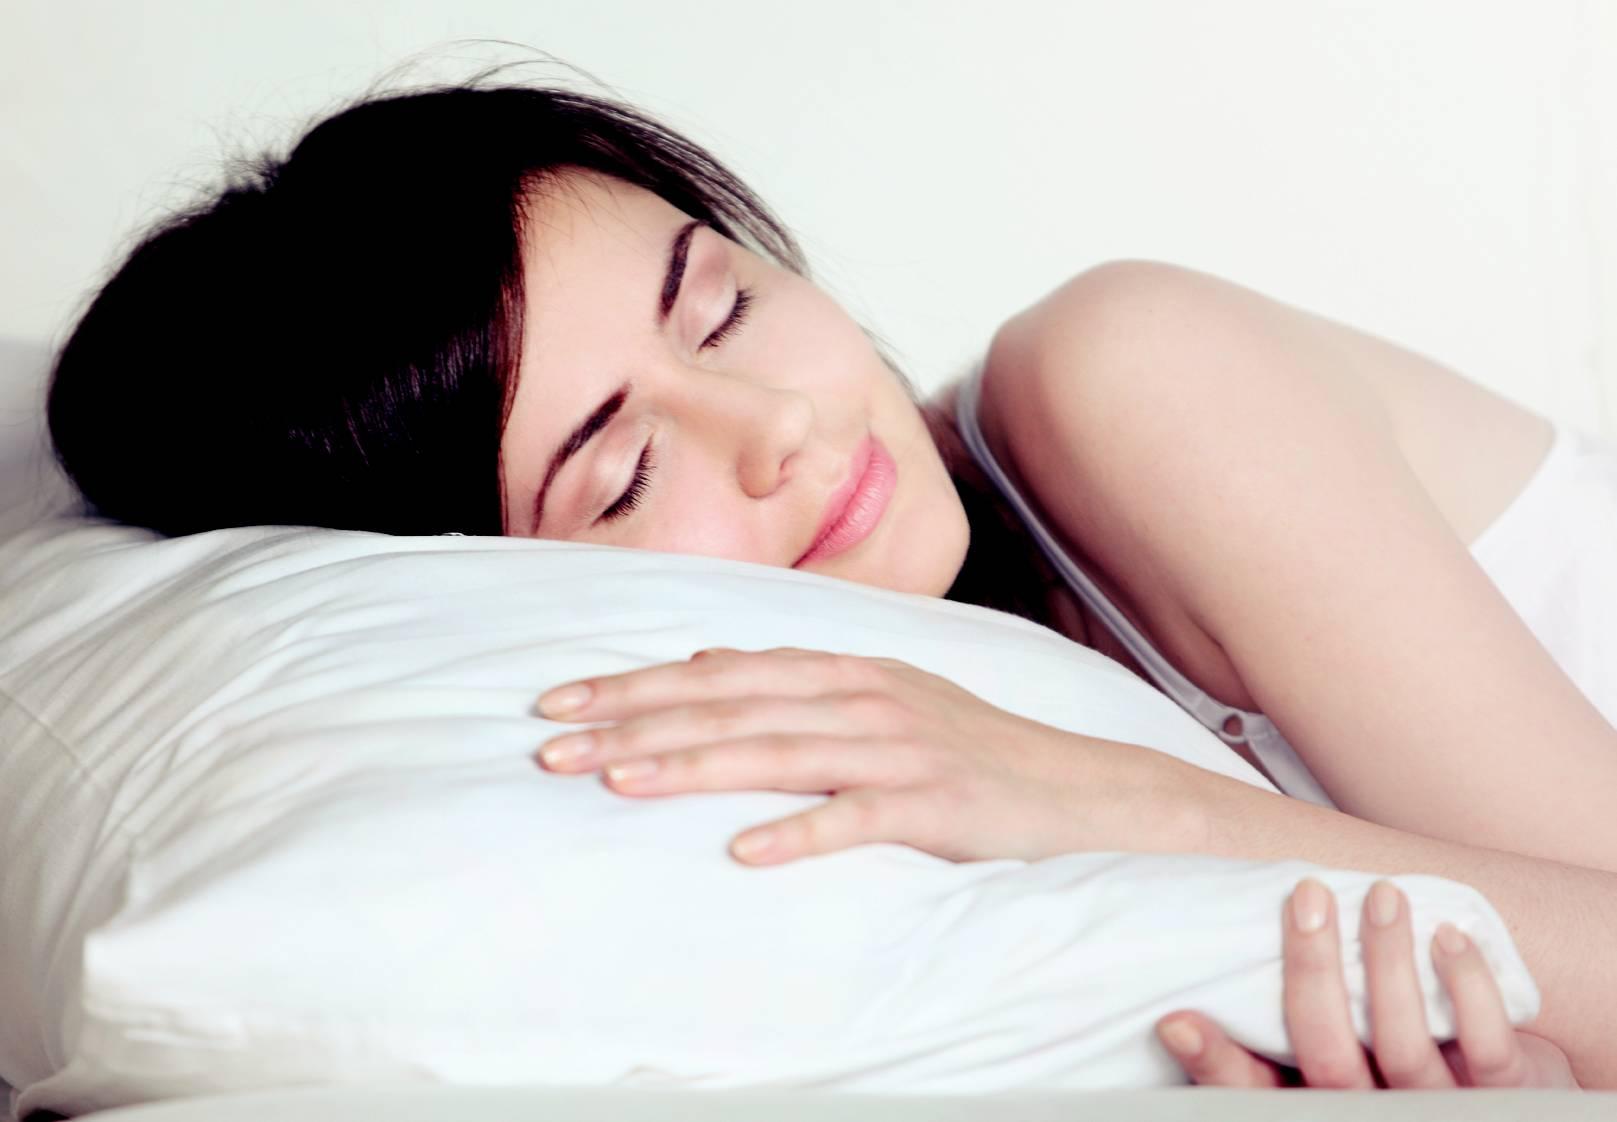 Cần giữ tinh thần thoải mái để có giấc ngủ ngon và không bị bóng đè